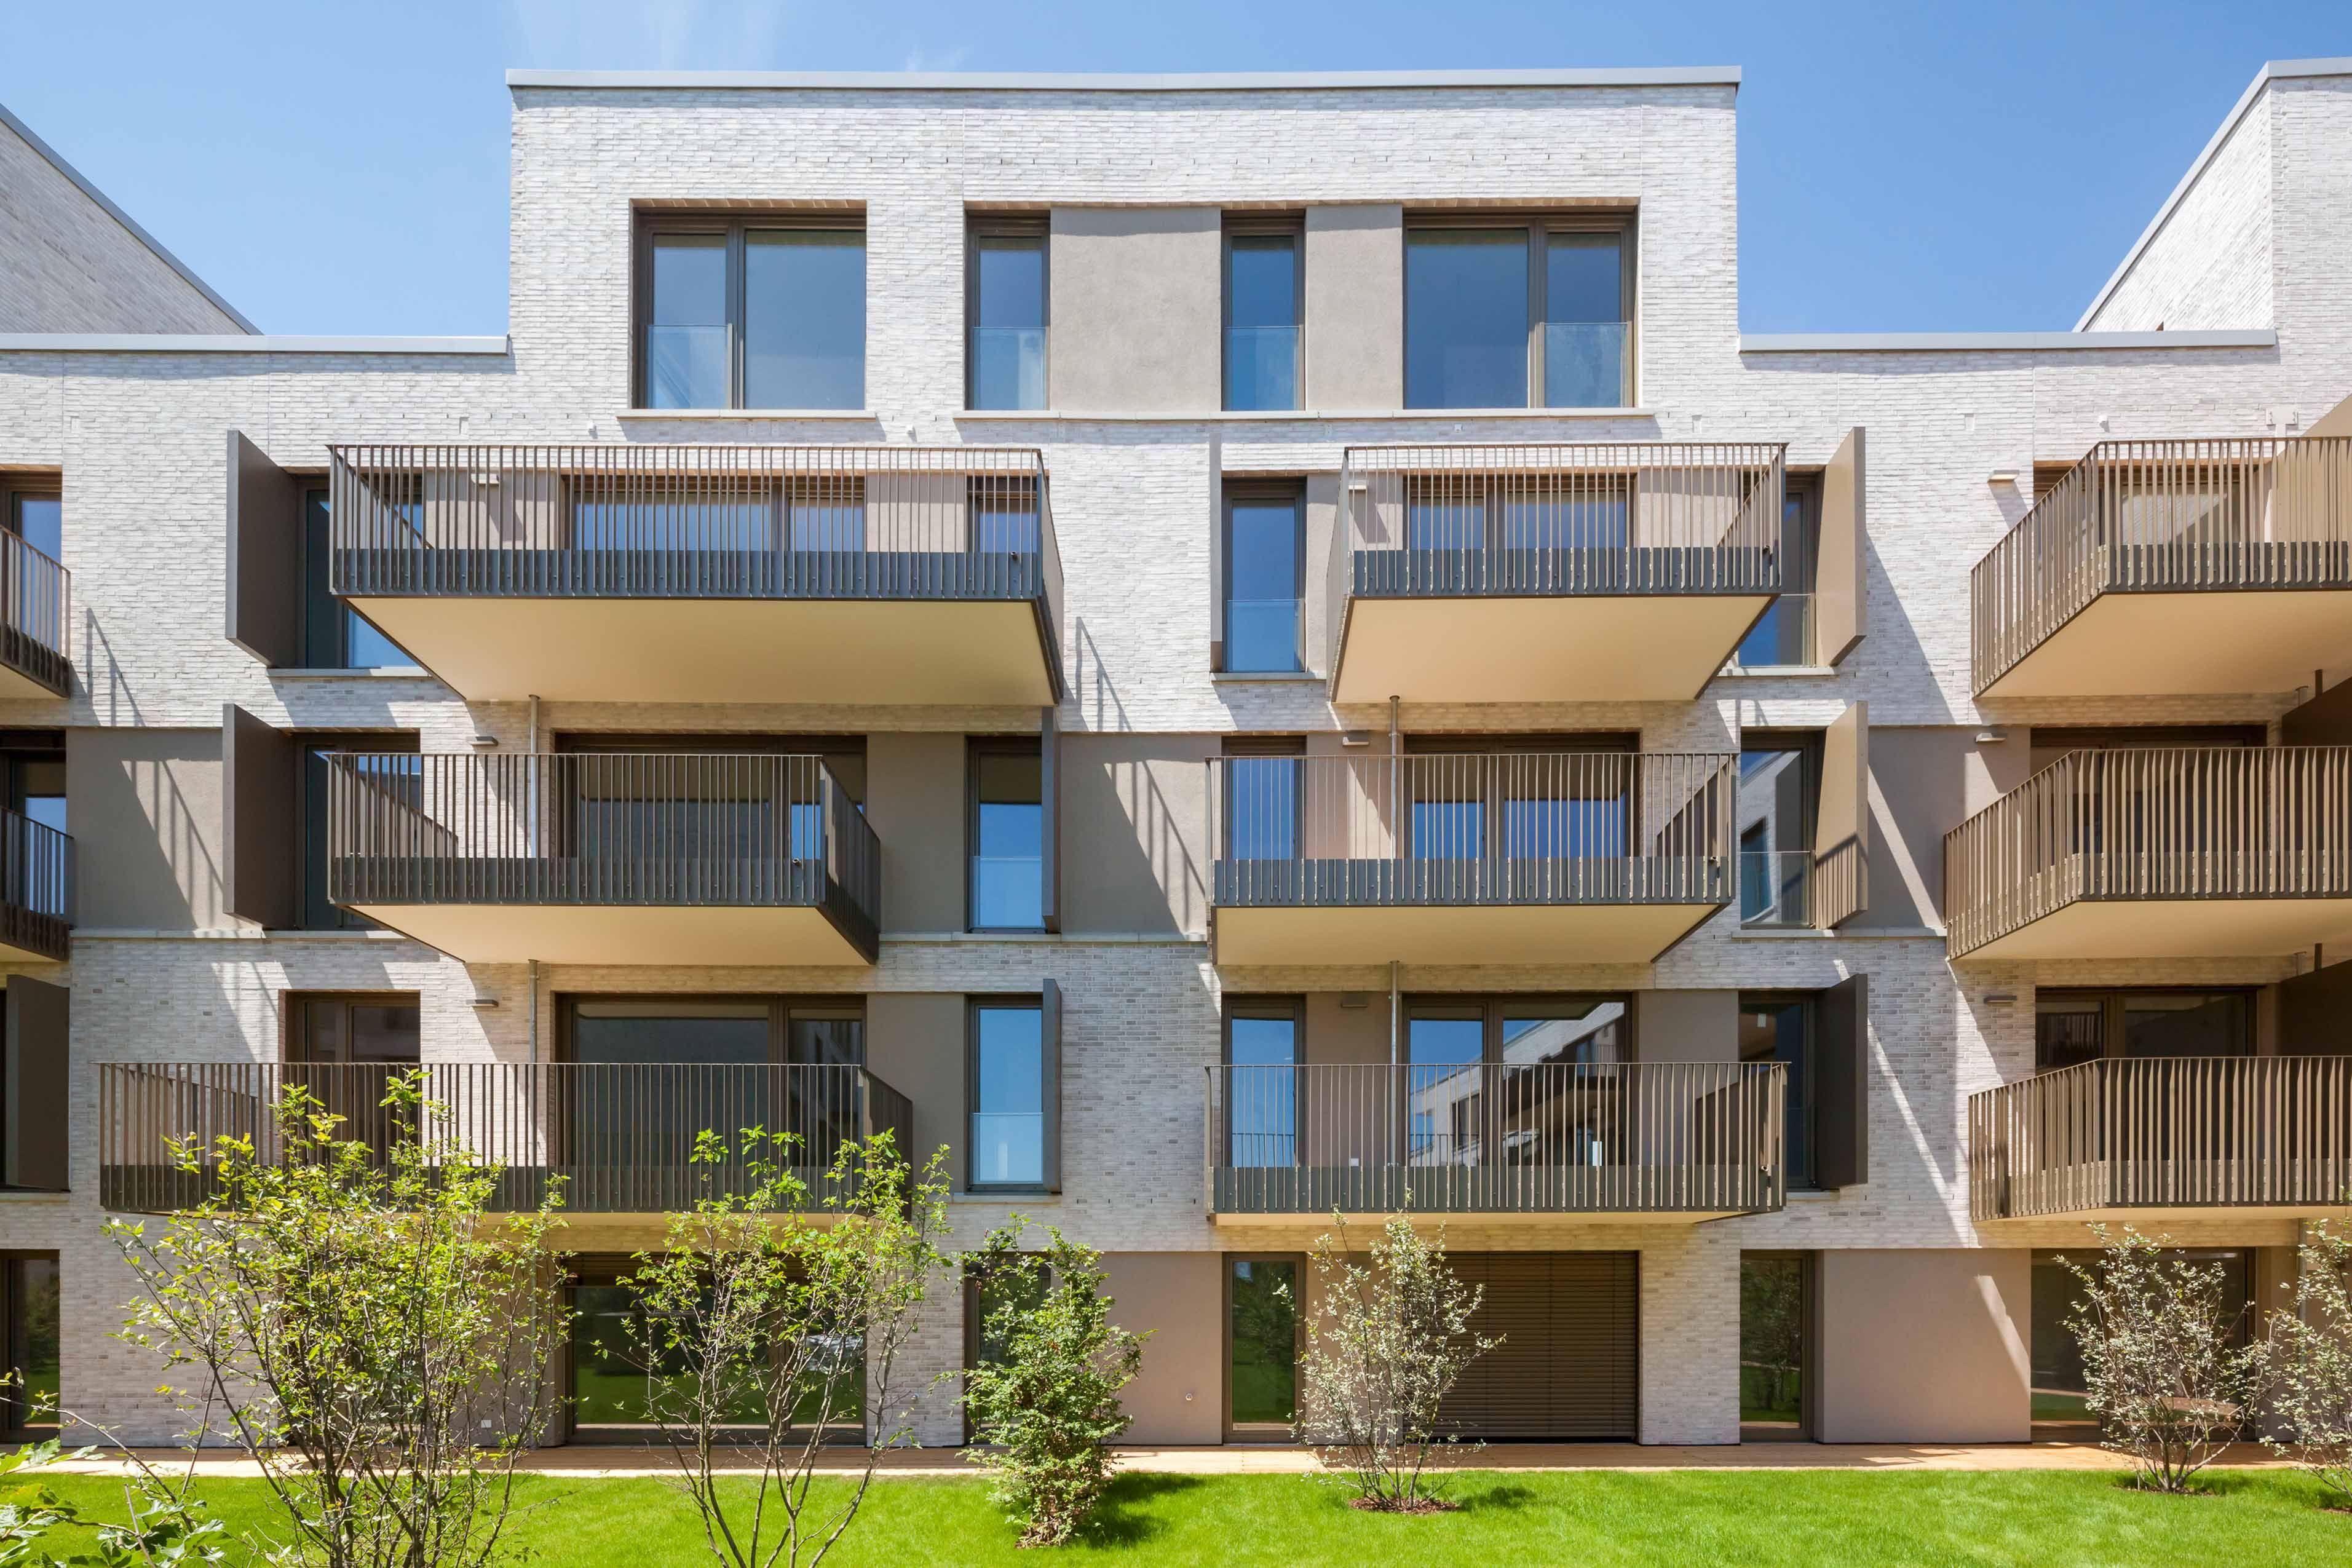 Wohnen am Fluß, Speyer 2019